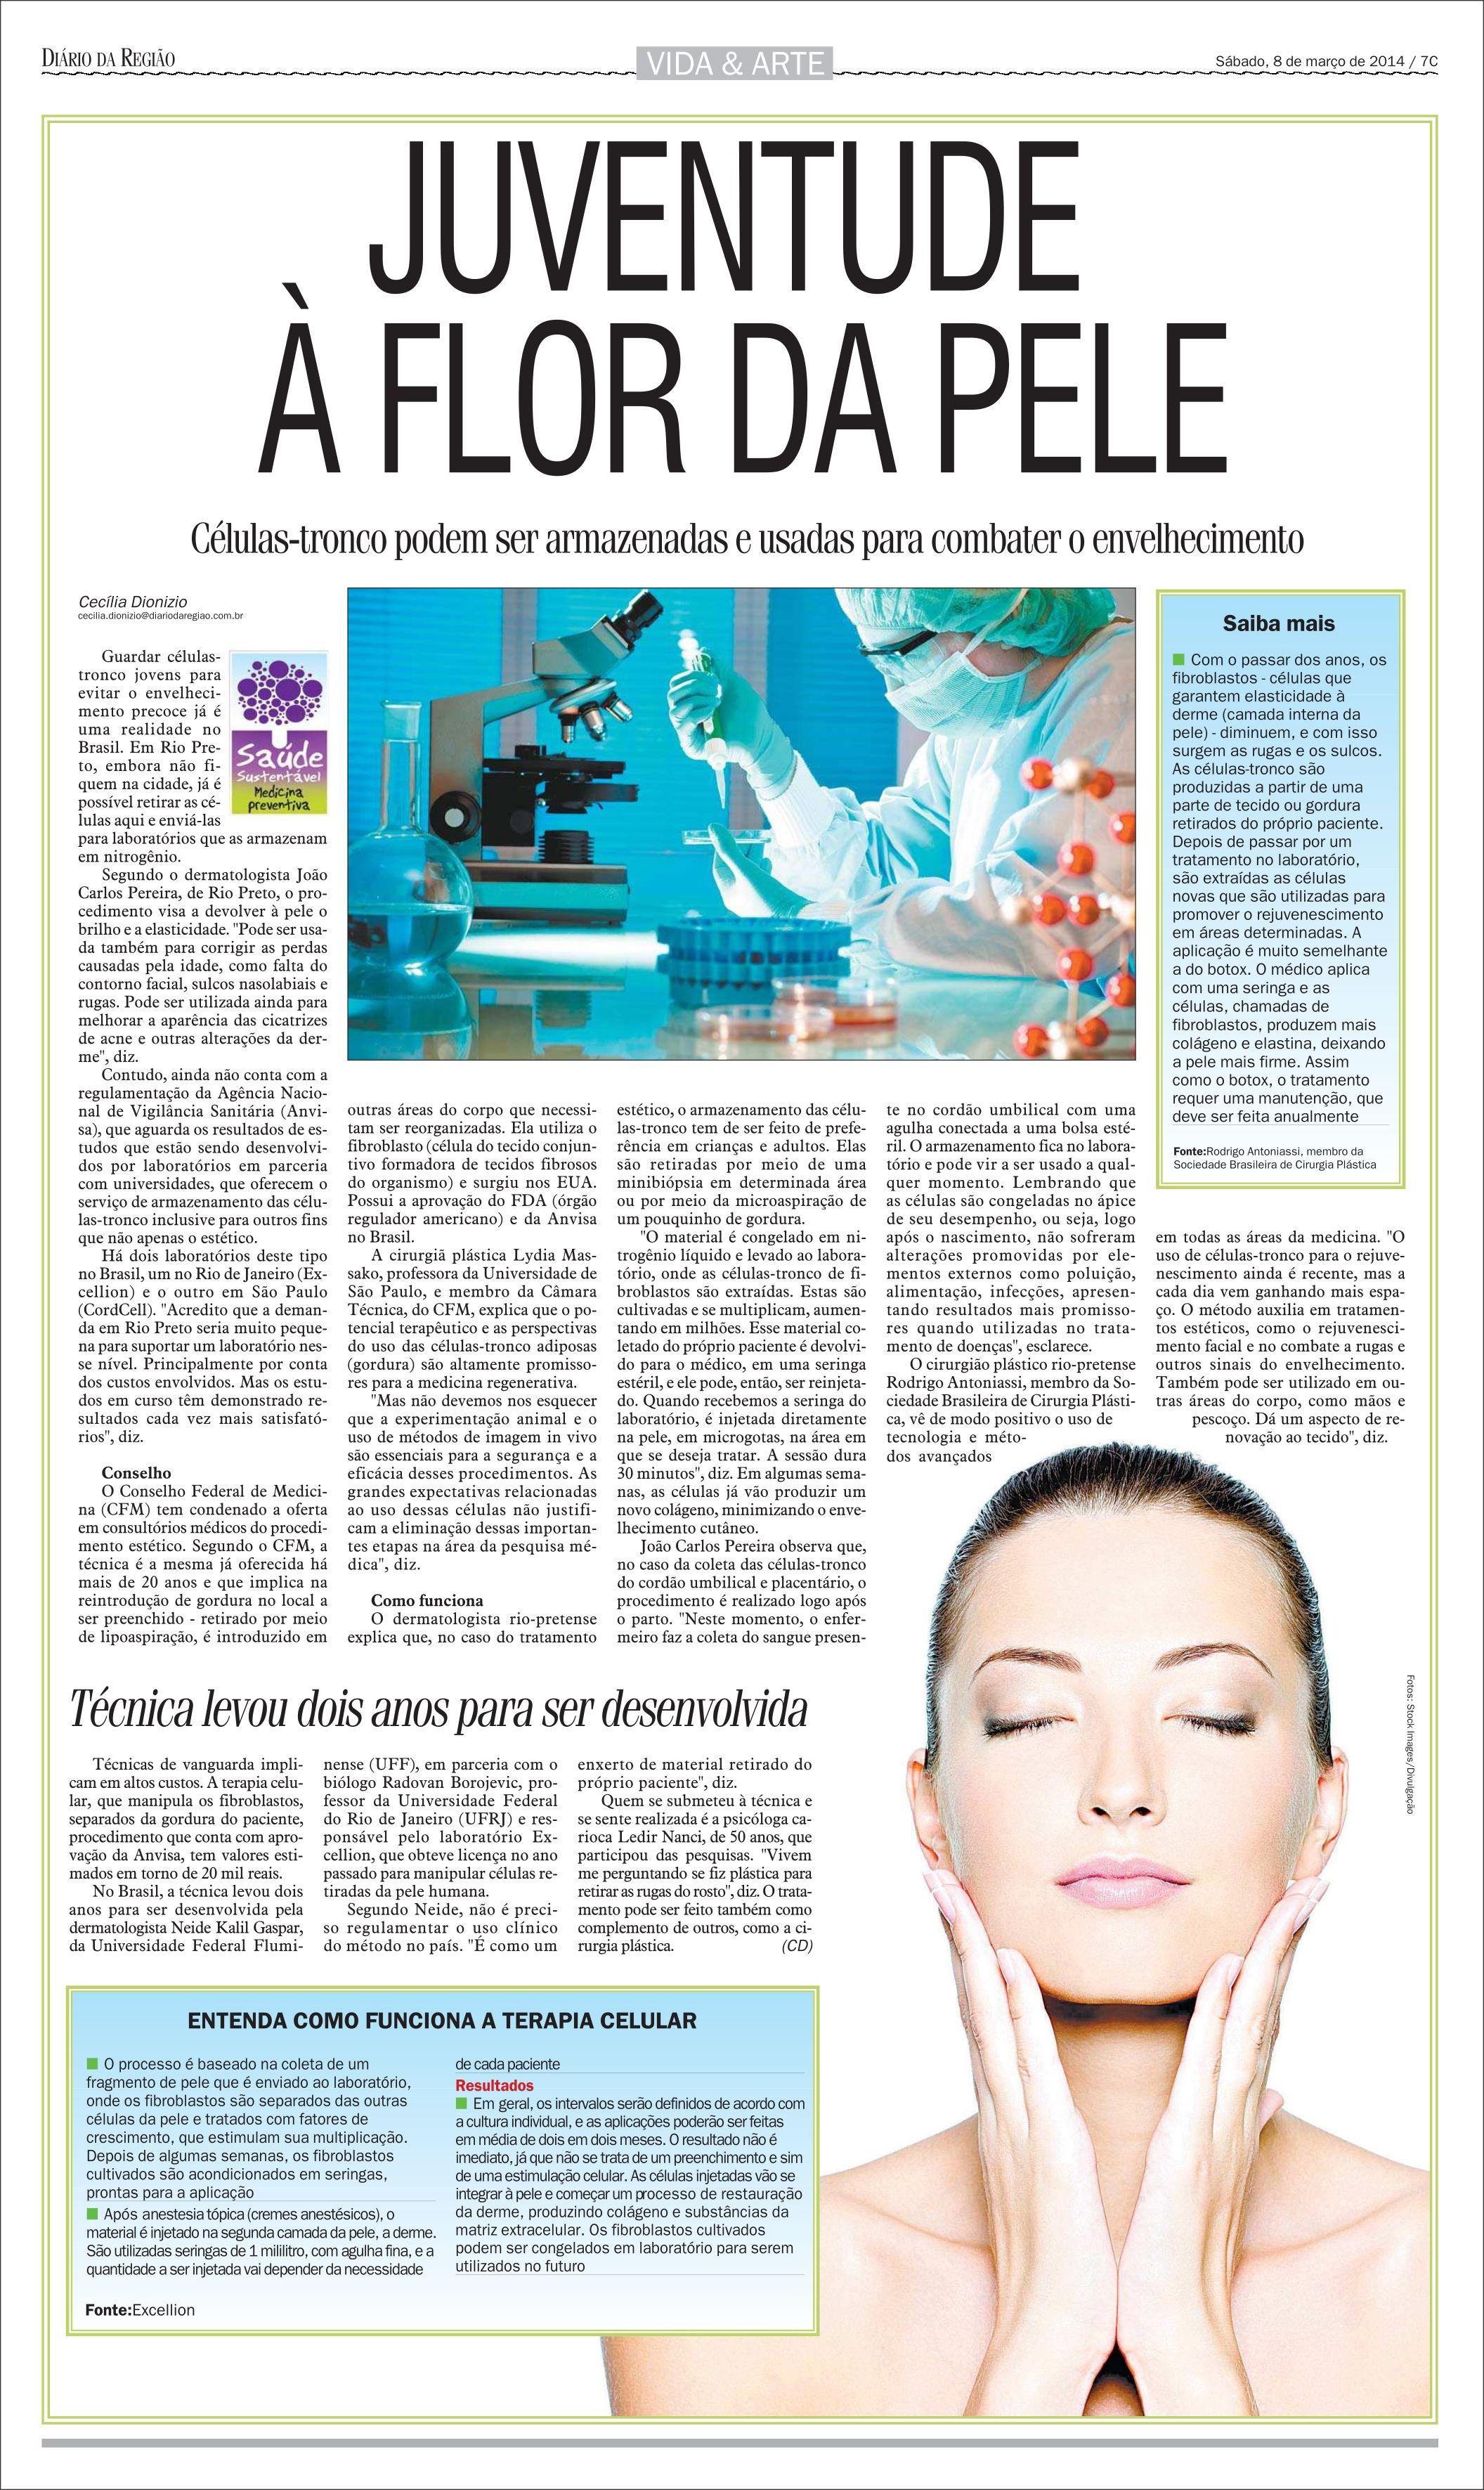 Diário da Região - Março/2014